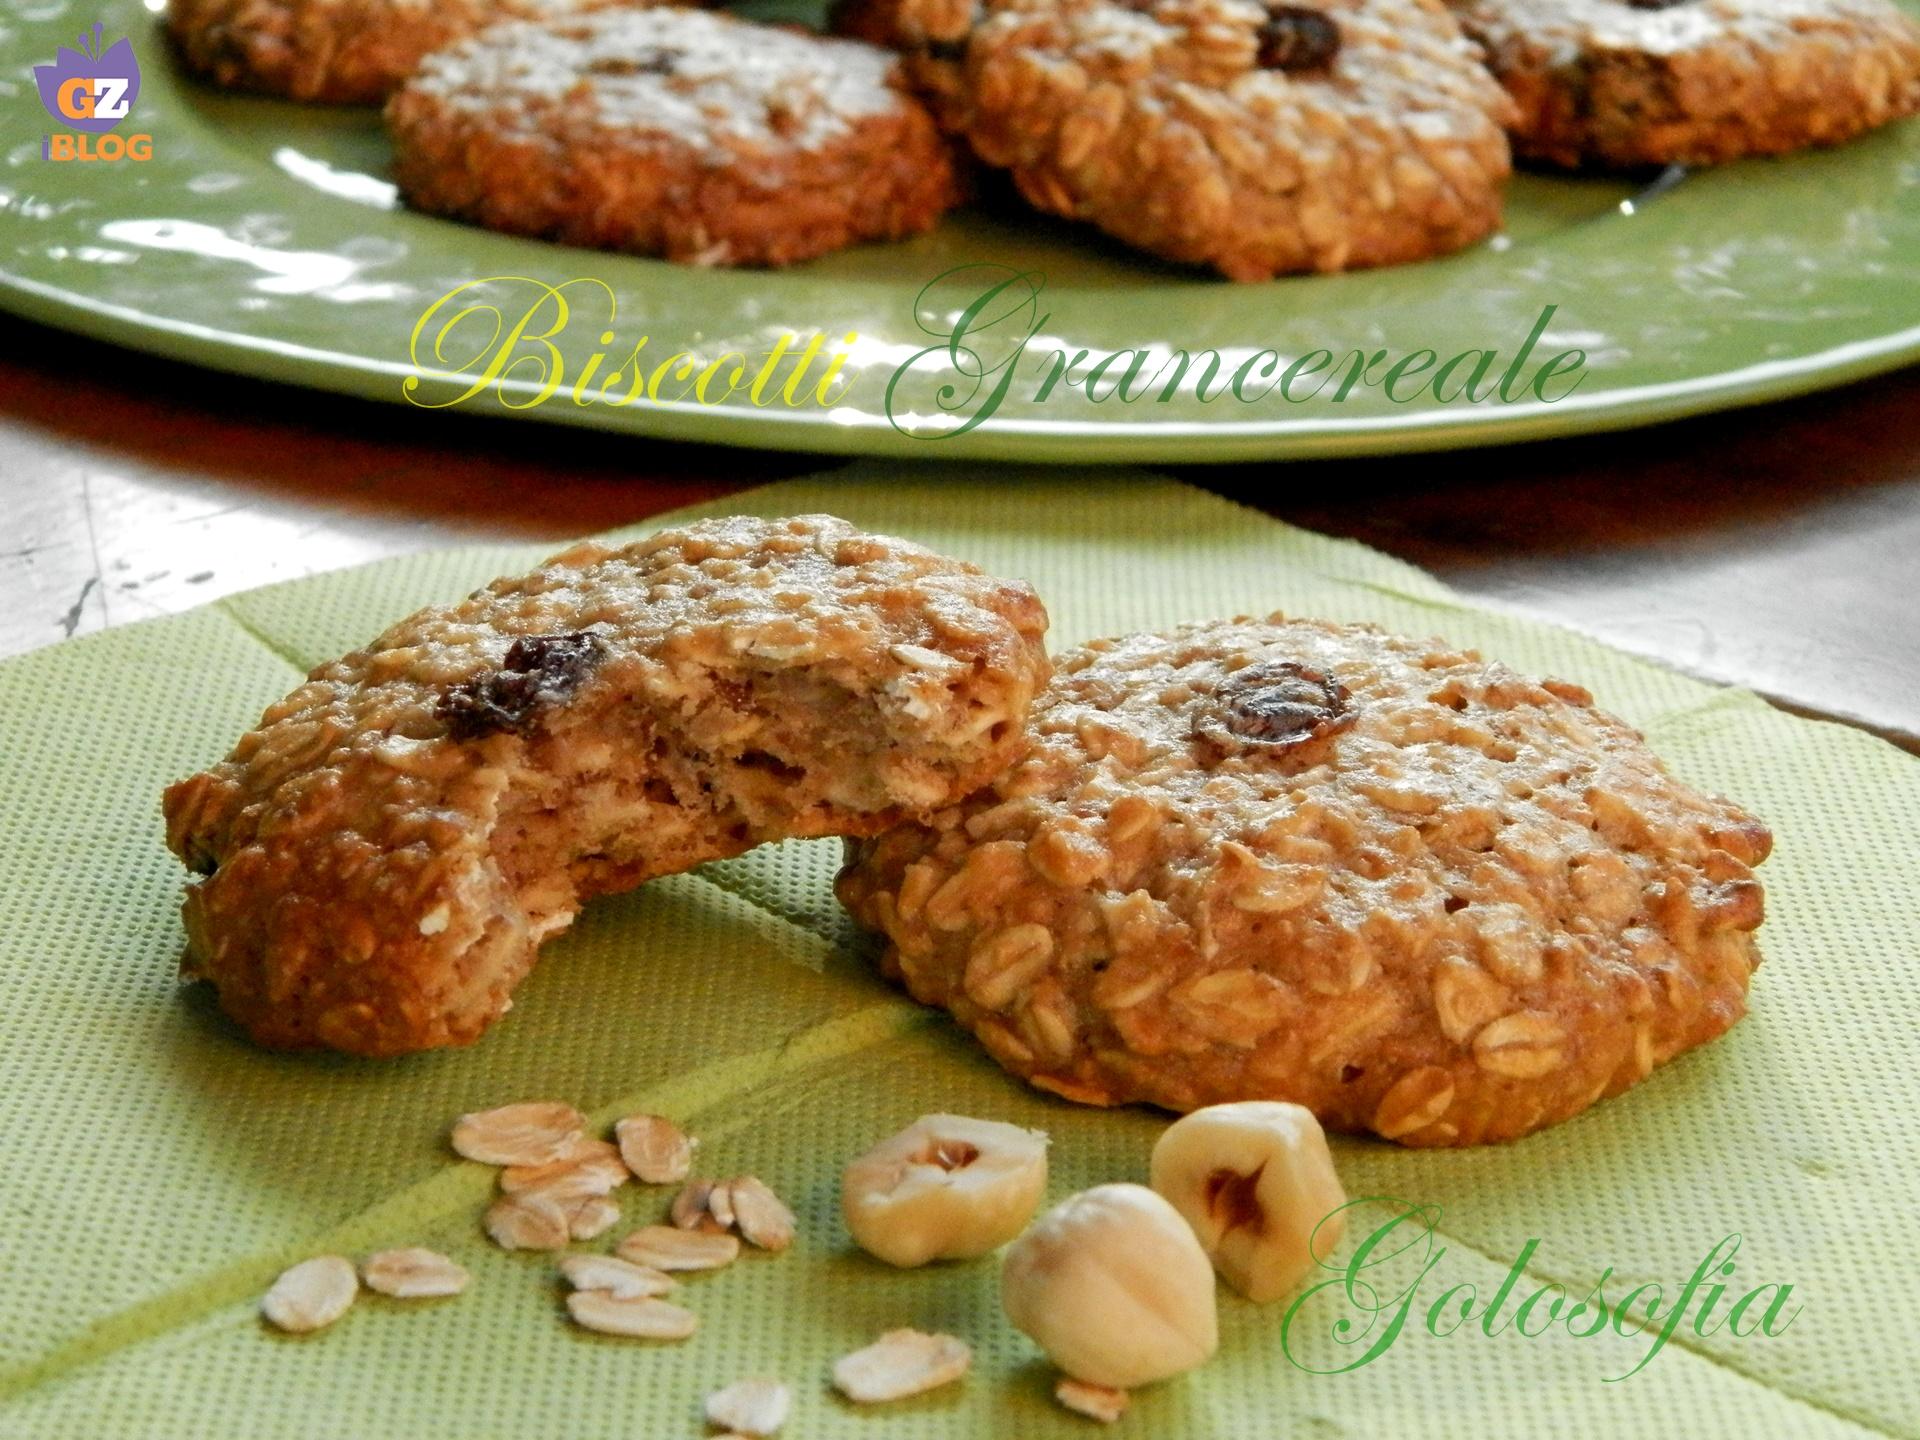 Biscotti Grancereale fatti in casa-ricetta buonissima!